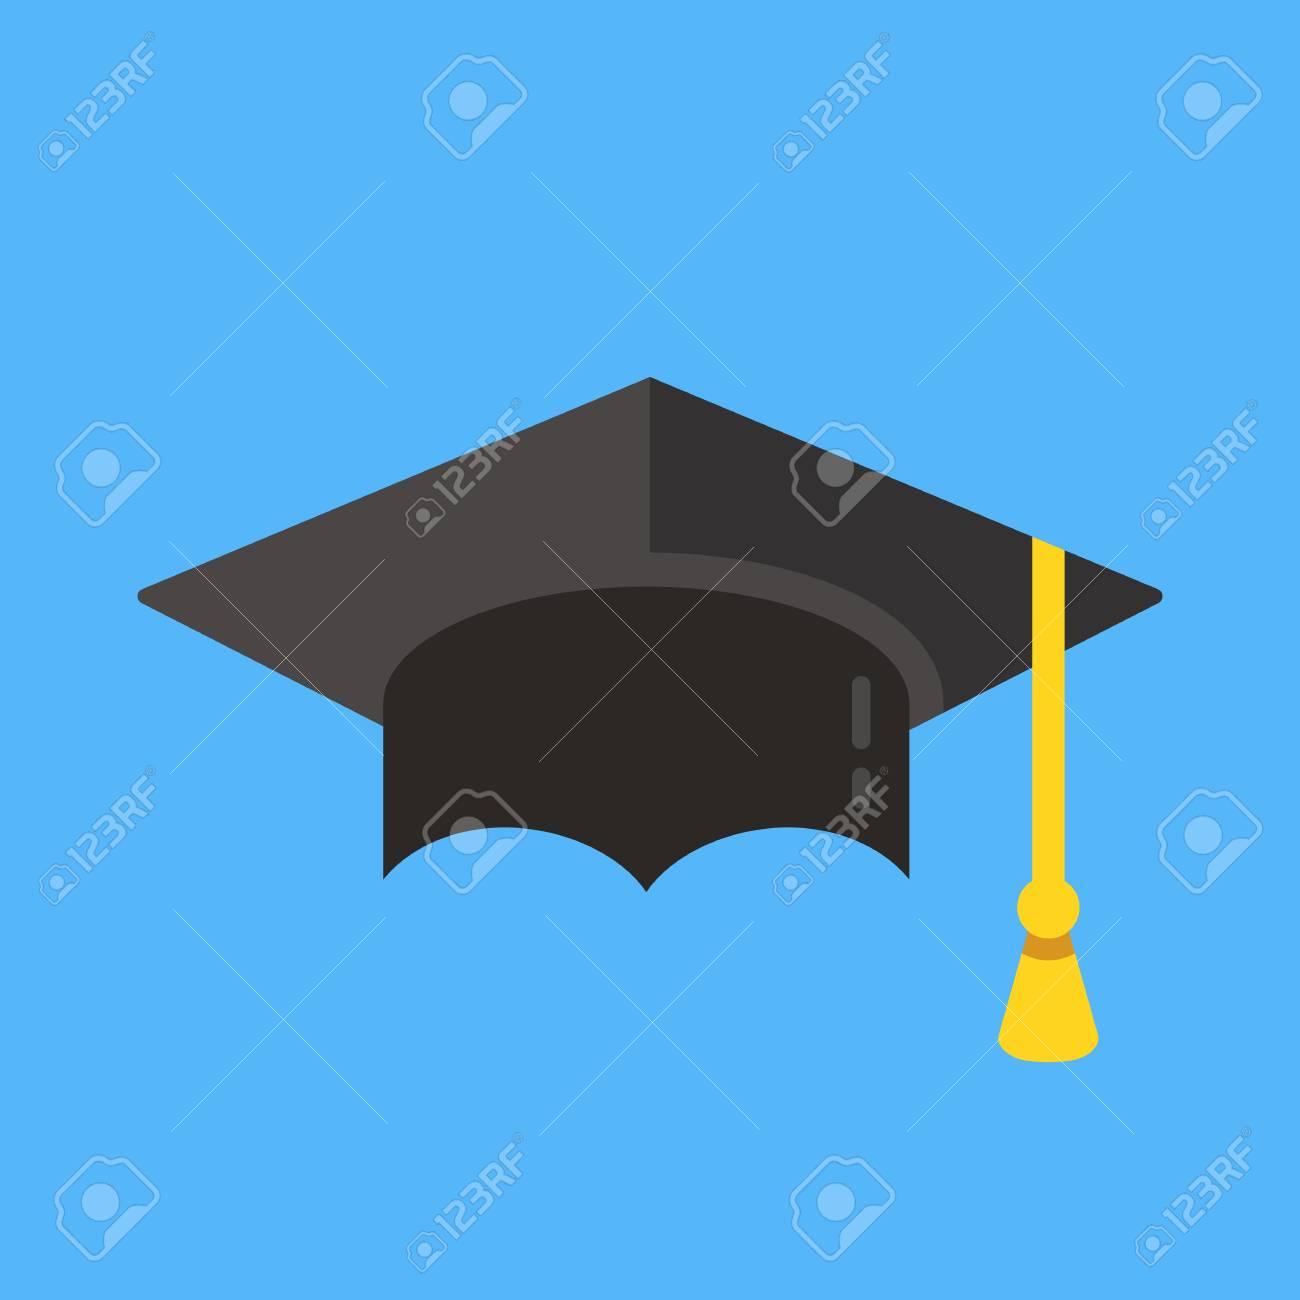 graduation hat icon mortarboard